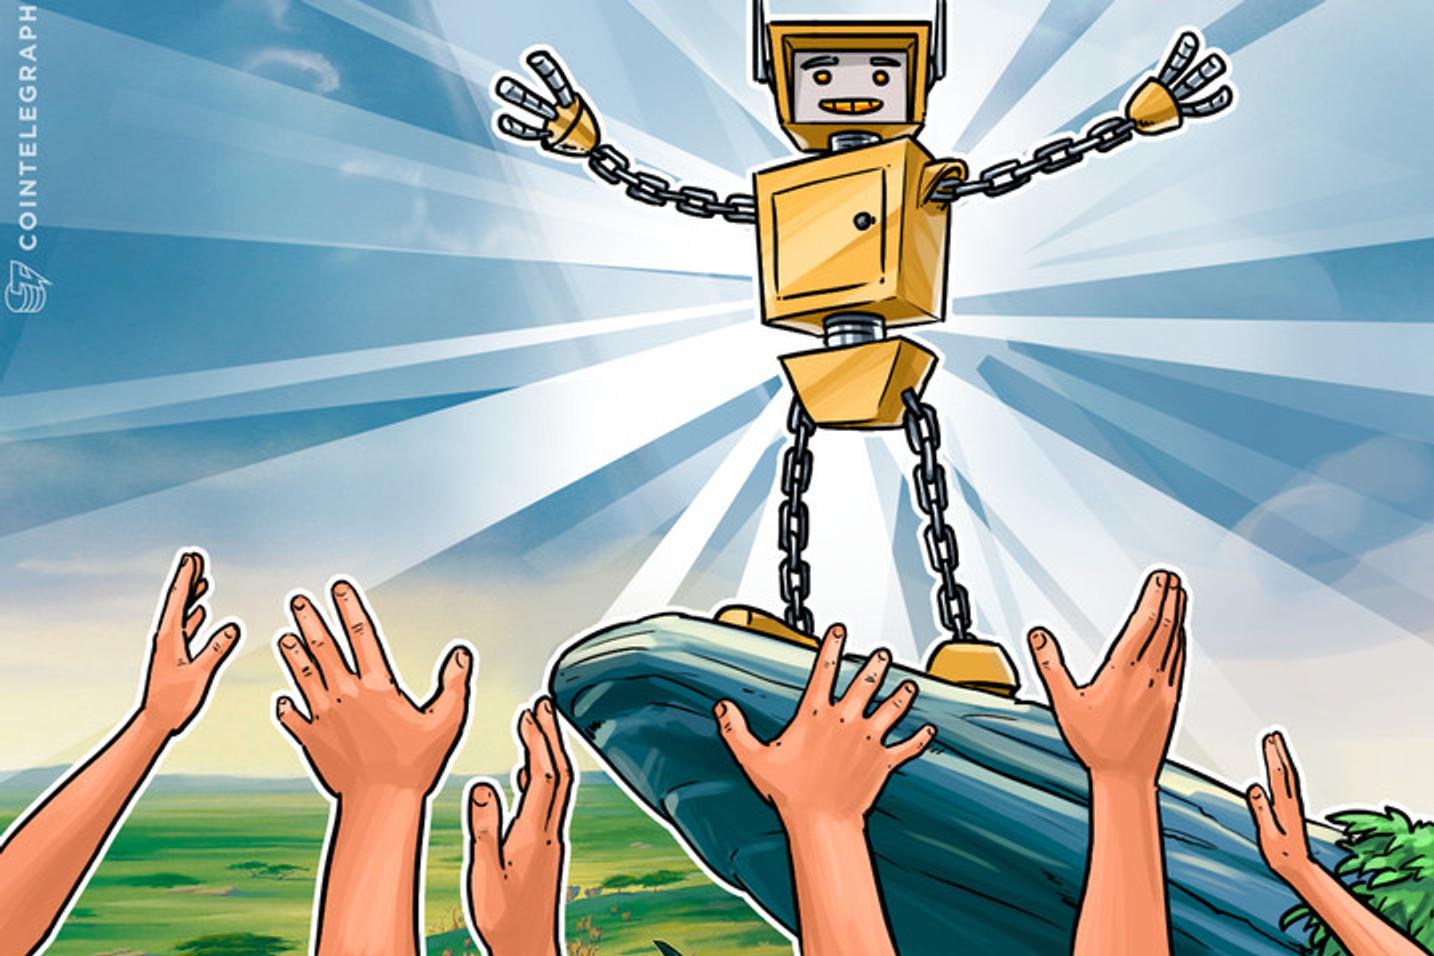 Por que bots tornaram-se indispensáveis em trading de criptomoedas de alta frequência?